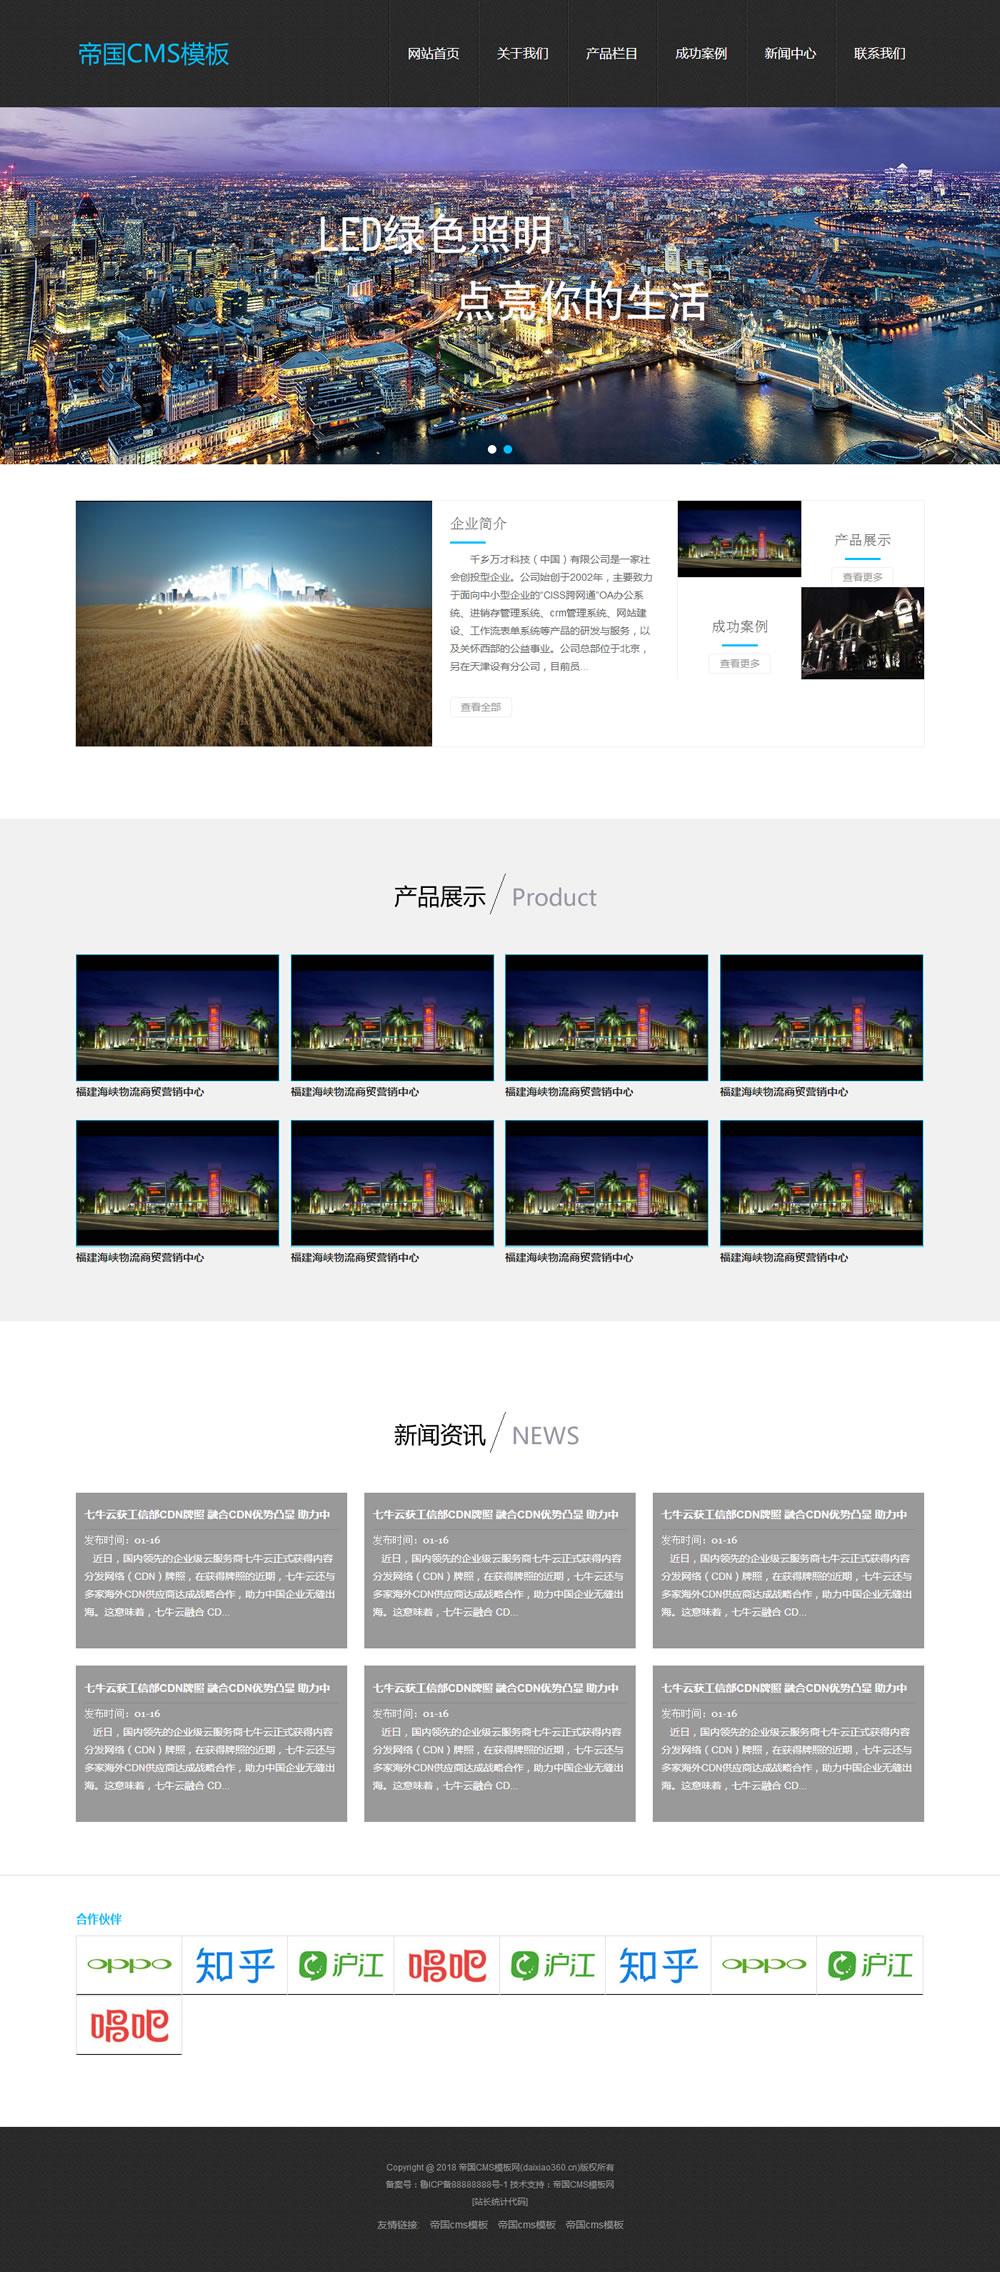 黑色帝国CMS综合行业企业网站模板带手机版_首页